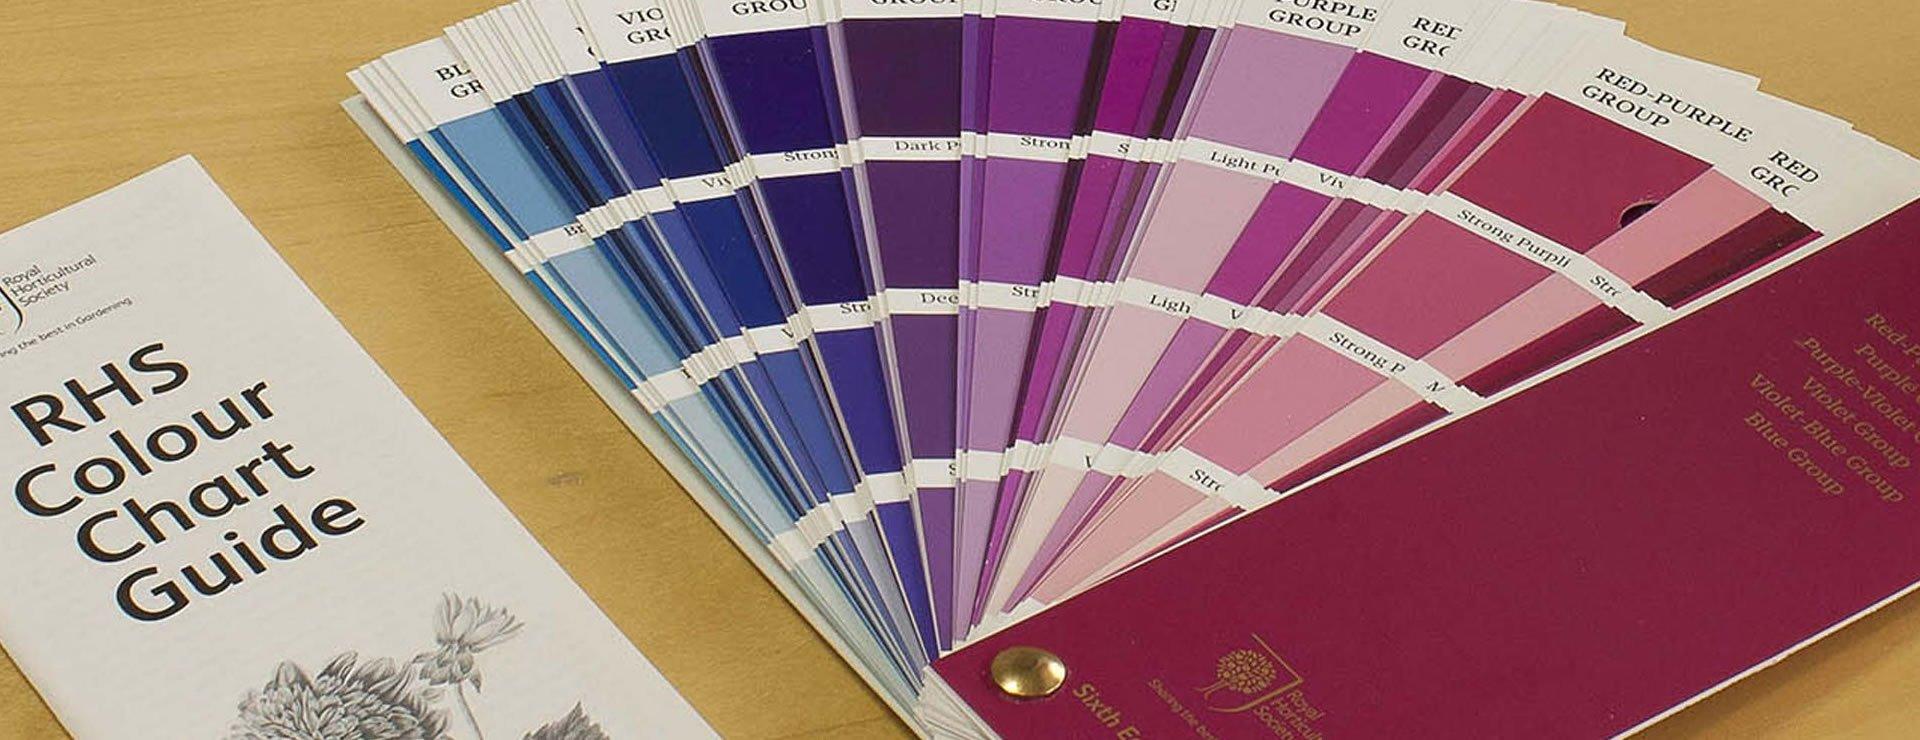 The RHS Colour Chart